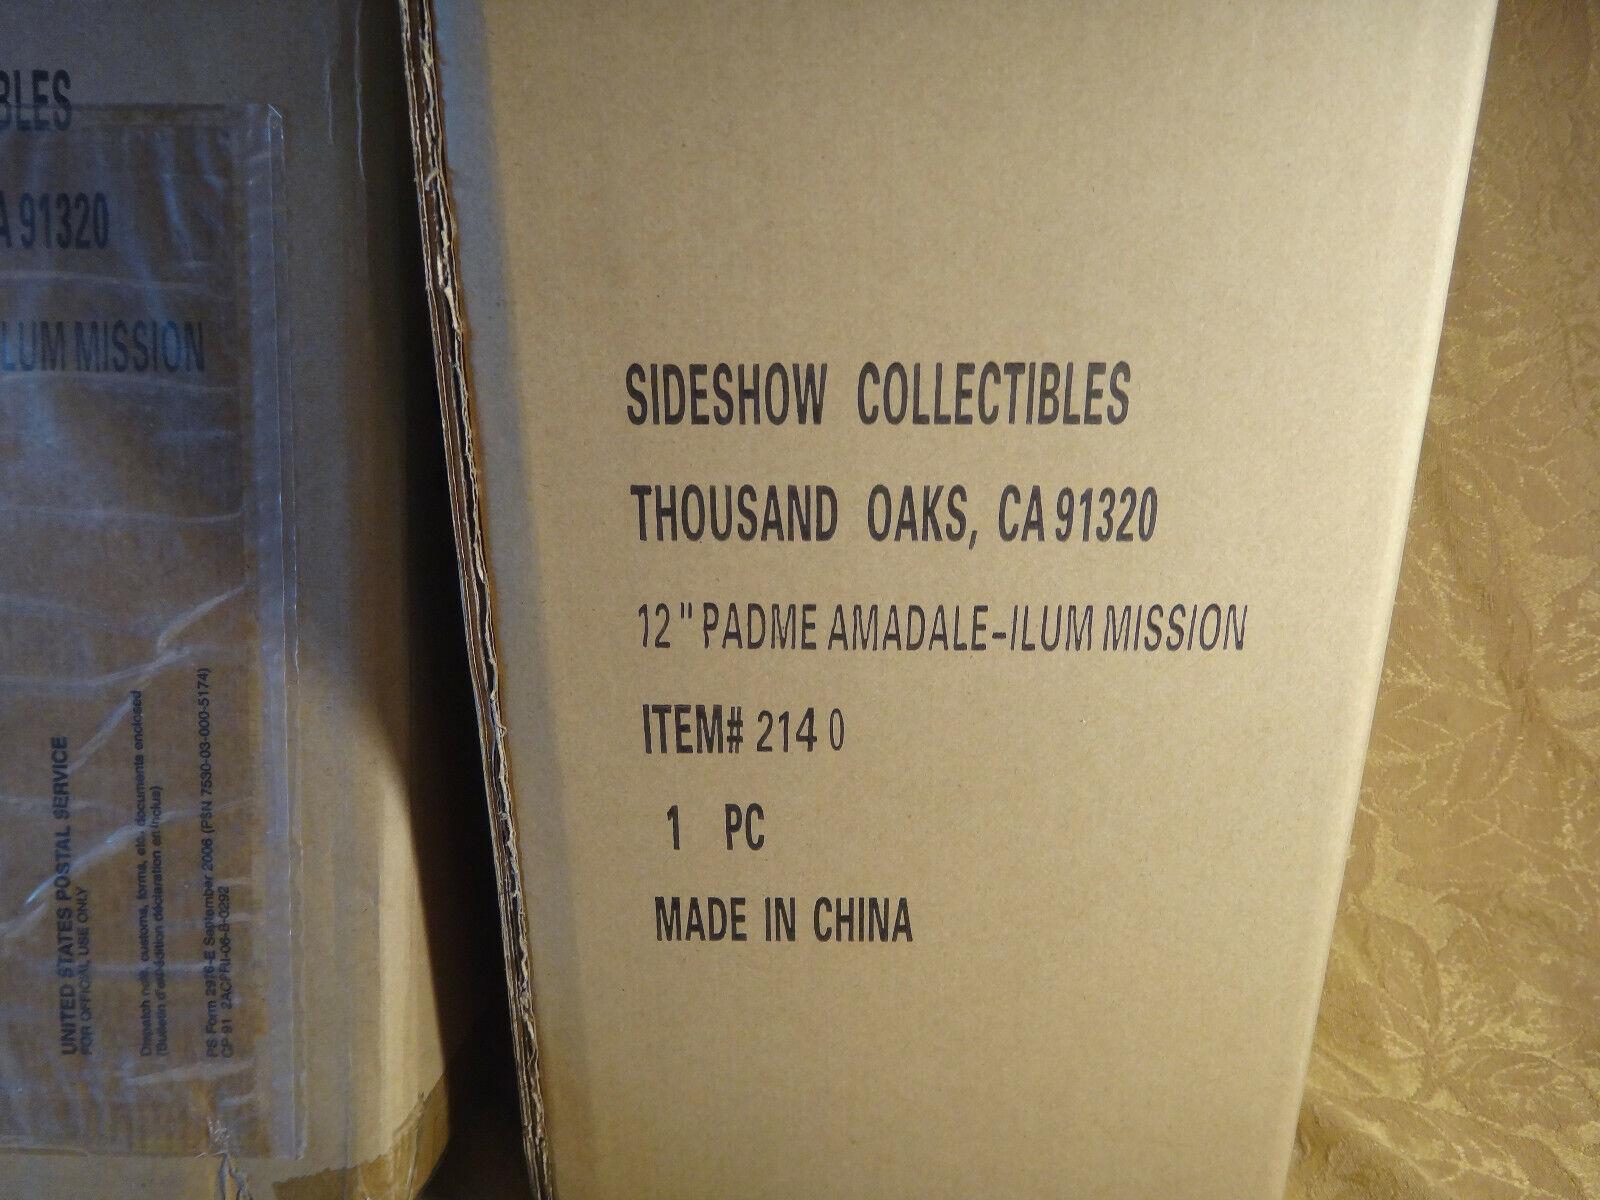 wholesape barato Estrella Estrella Estrella Wars Sideshow Coleccionables Padme Amidala Ilum misión Nuevo En Caja Sellada  tienda de pescado para la venta